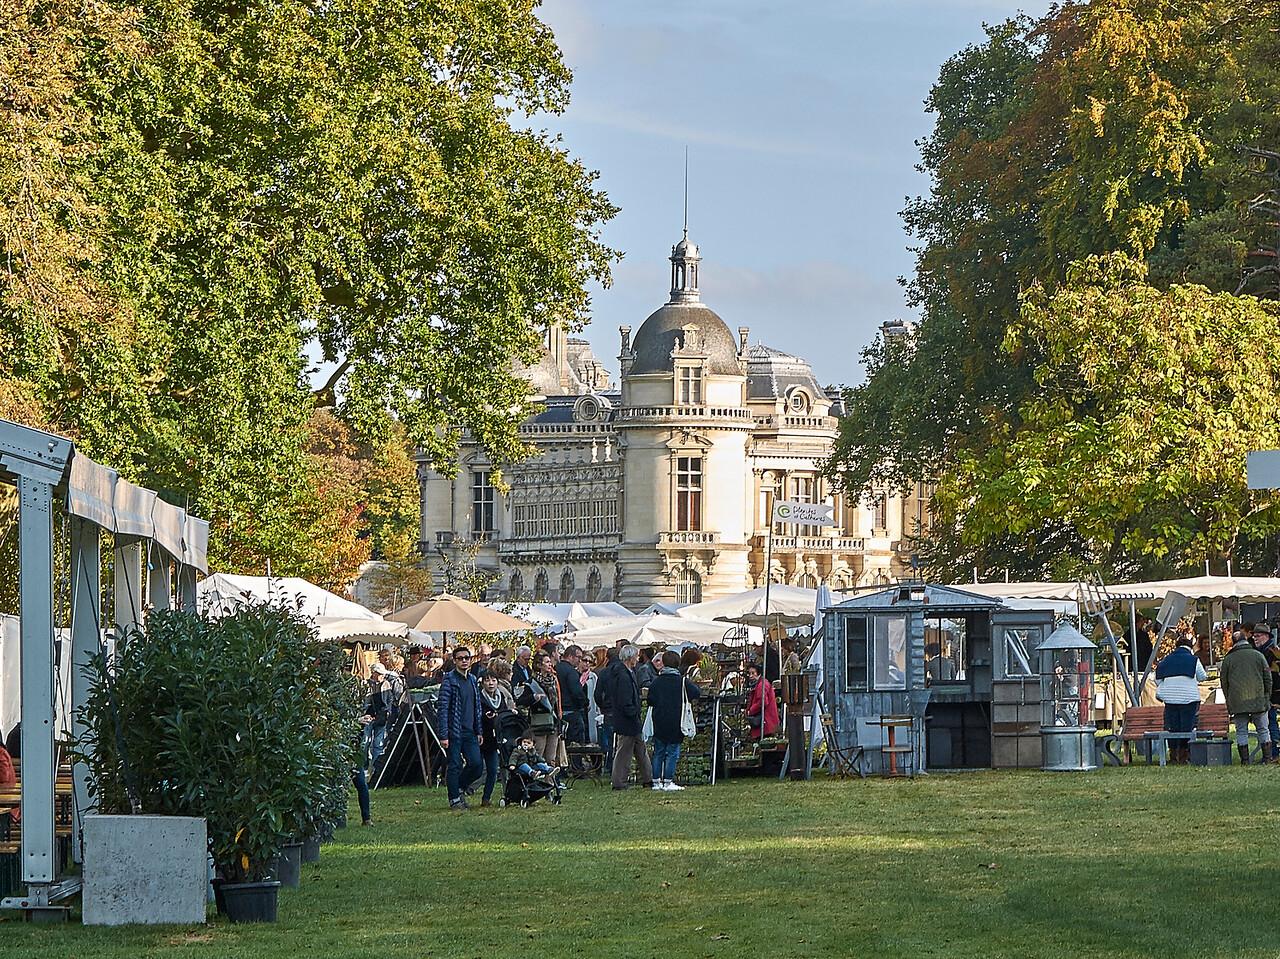 Domaine et chateau de Chantilly - Festival des plantes d'octobre 2016